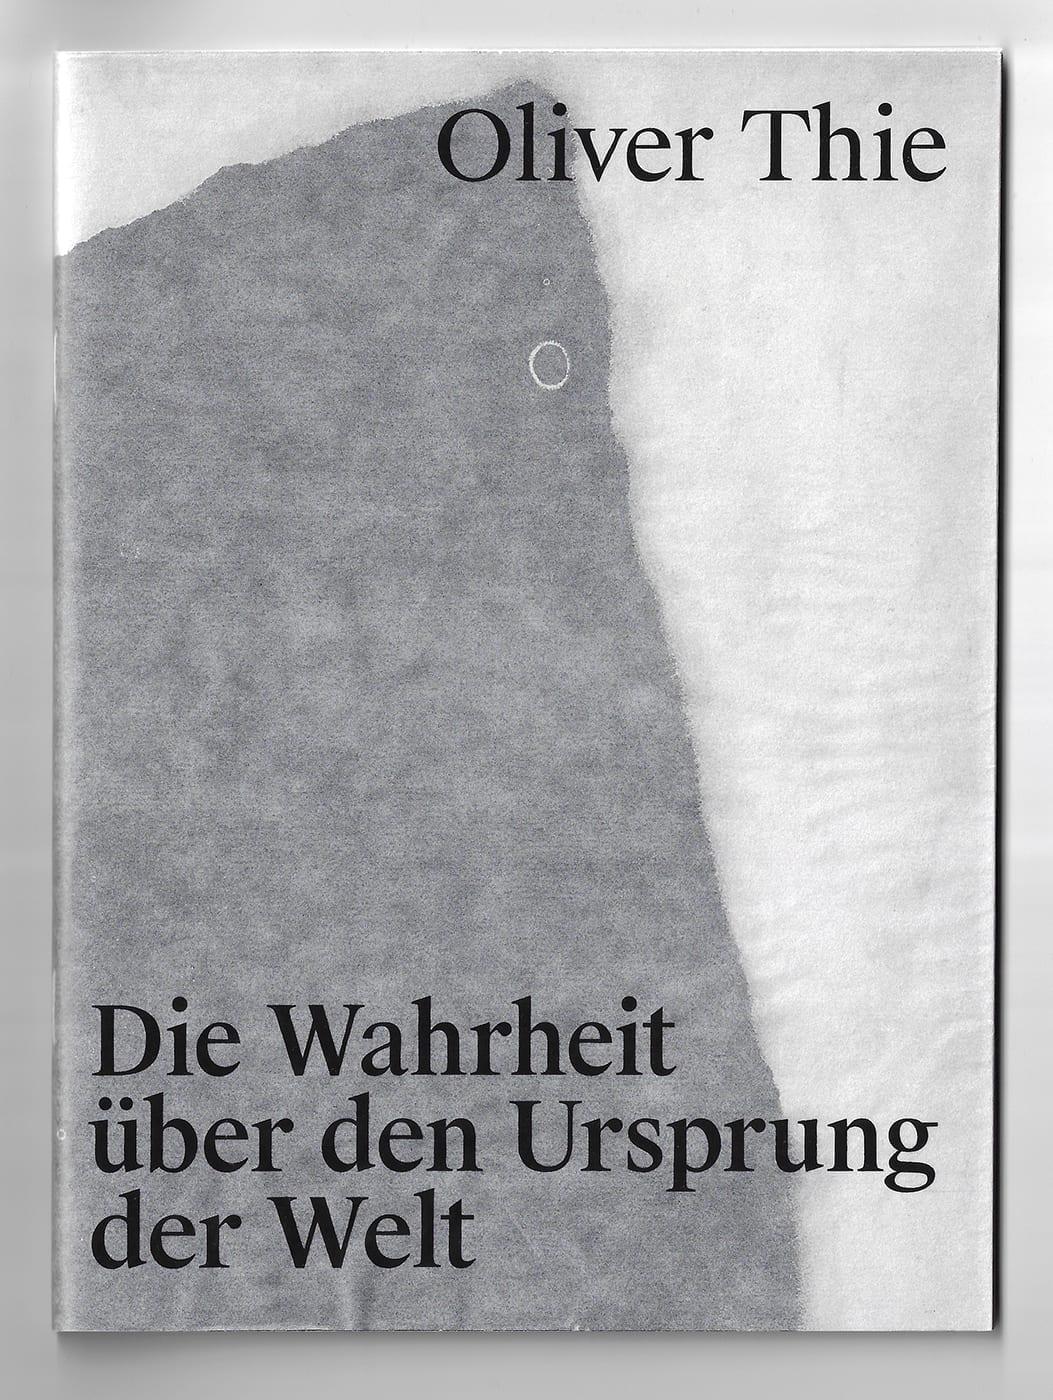 Cover von Sattler/Thie. 2020. Die Wahrheit über den Ursprung der Welt. Berlin: Humboldt-Universität